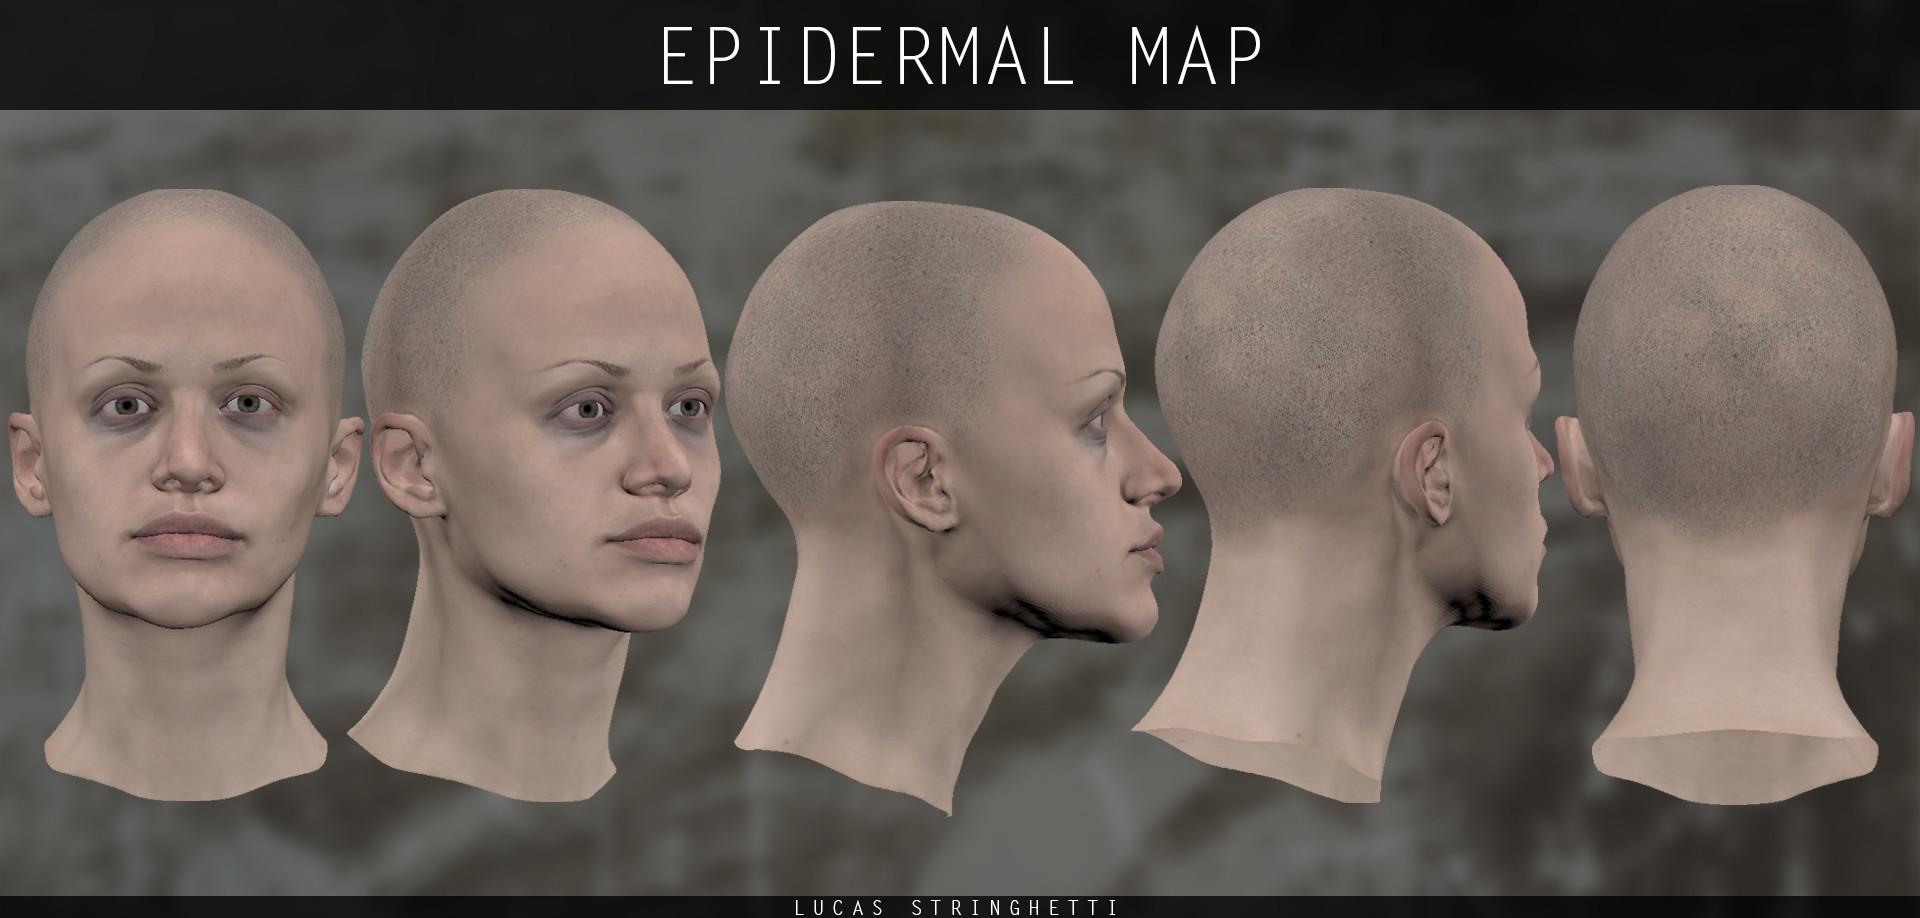 Lucas stringhetti 02 epidermalmap